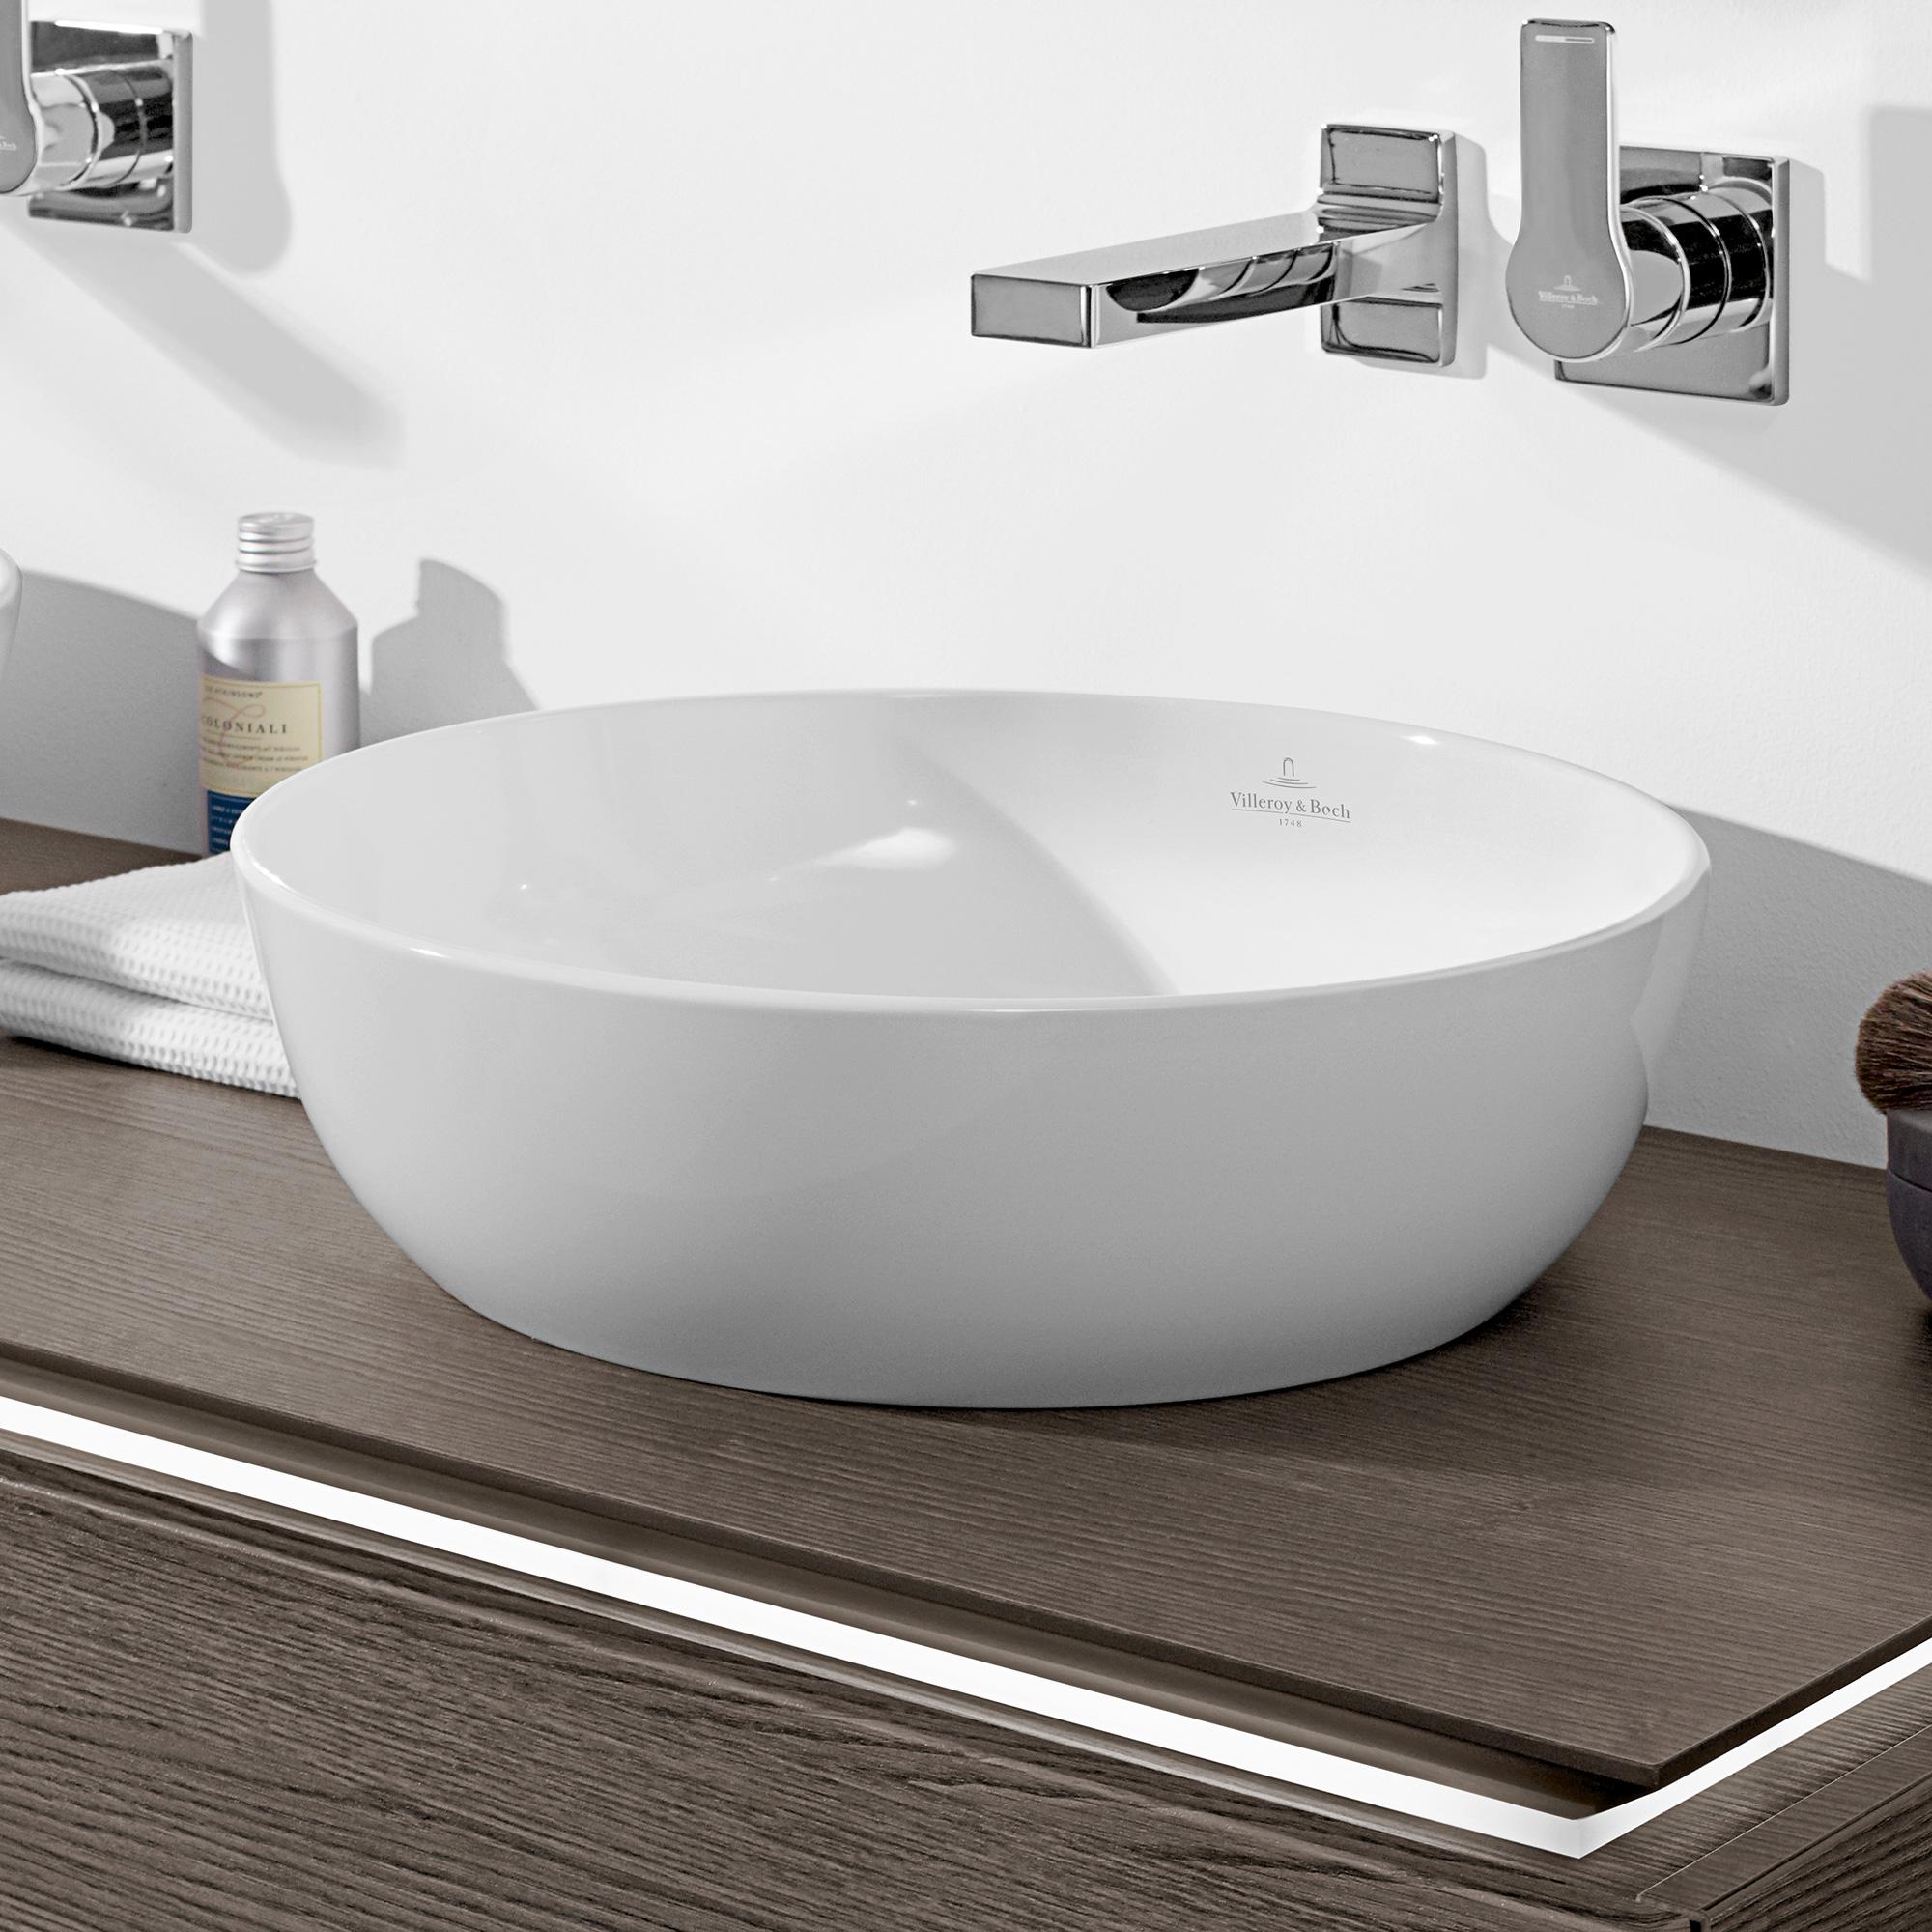 villeroy boch artis aufsatzwaschtisch wei ohne berlauf. Black Bedroom Furniture Sets. Home Design Ideas